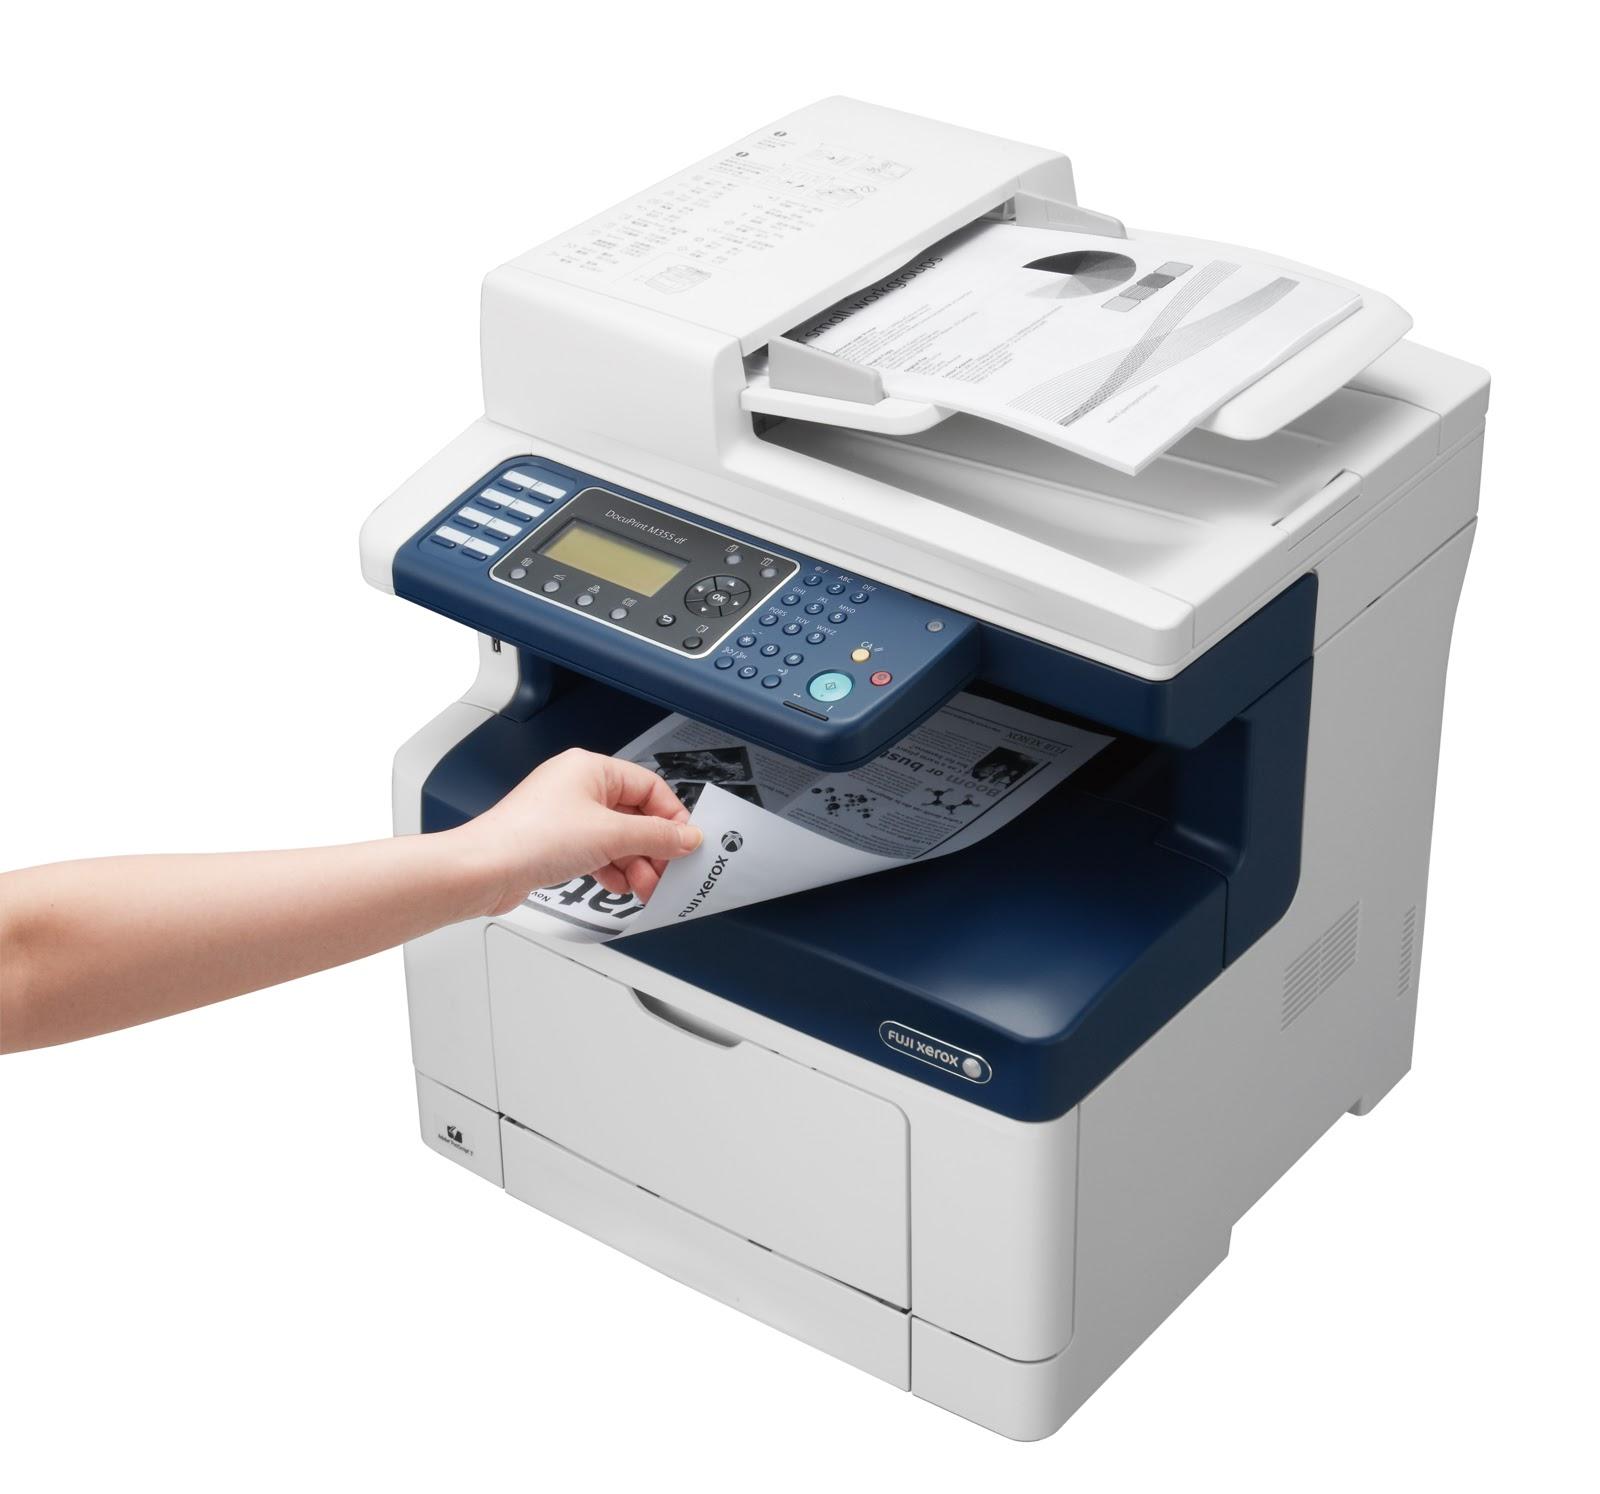 Fuji Xerox DocuPrint M355df Printer Laser untuk Kebutuhan UKM